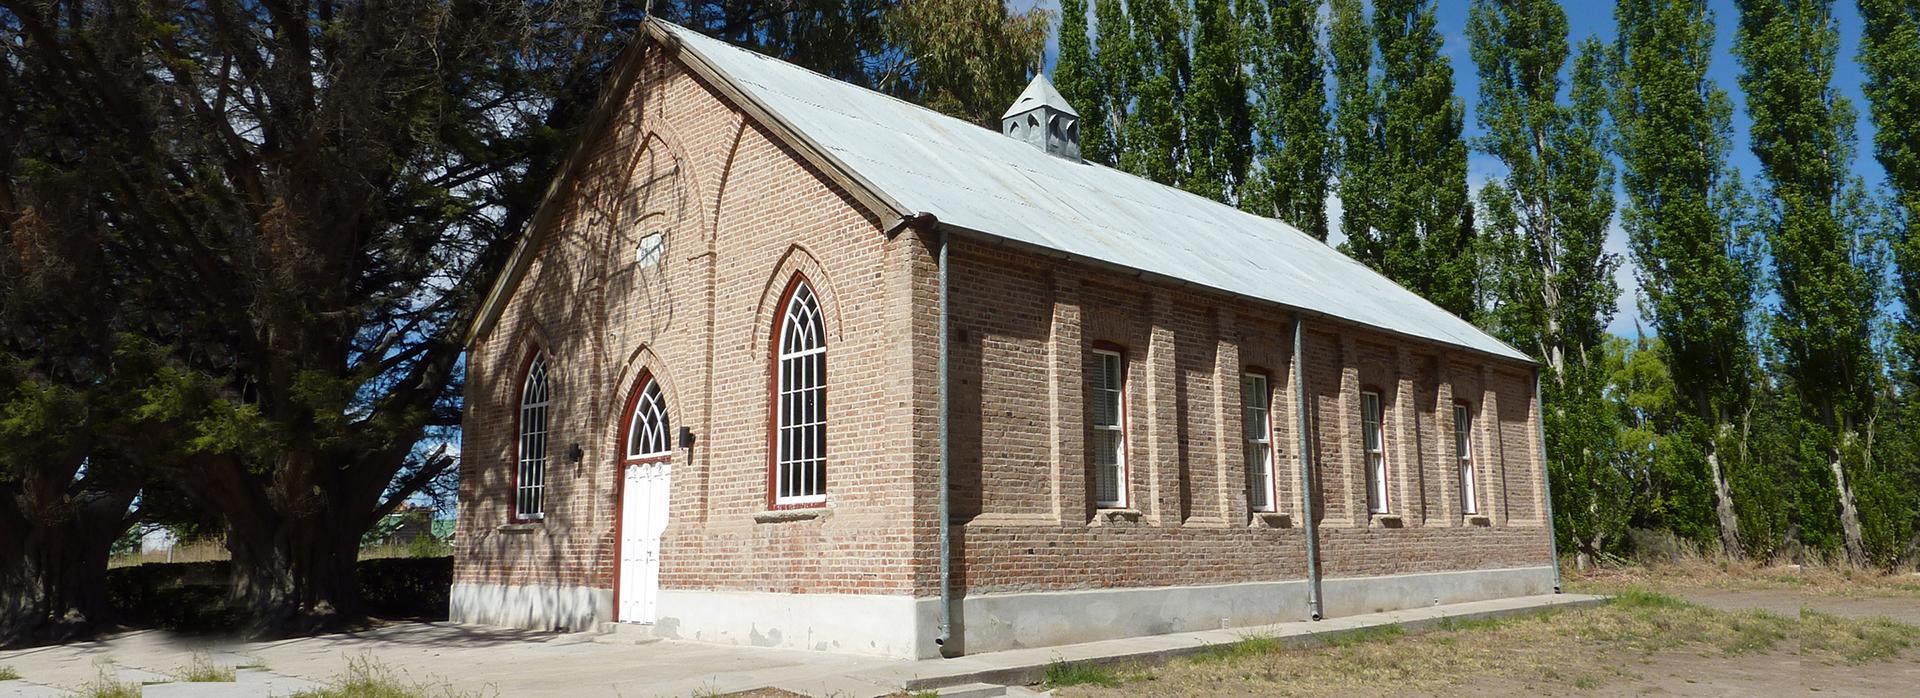 Una de las capillas galesas de Gaiman, Chubut (Gentileza Argentina Visión)